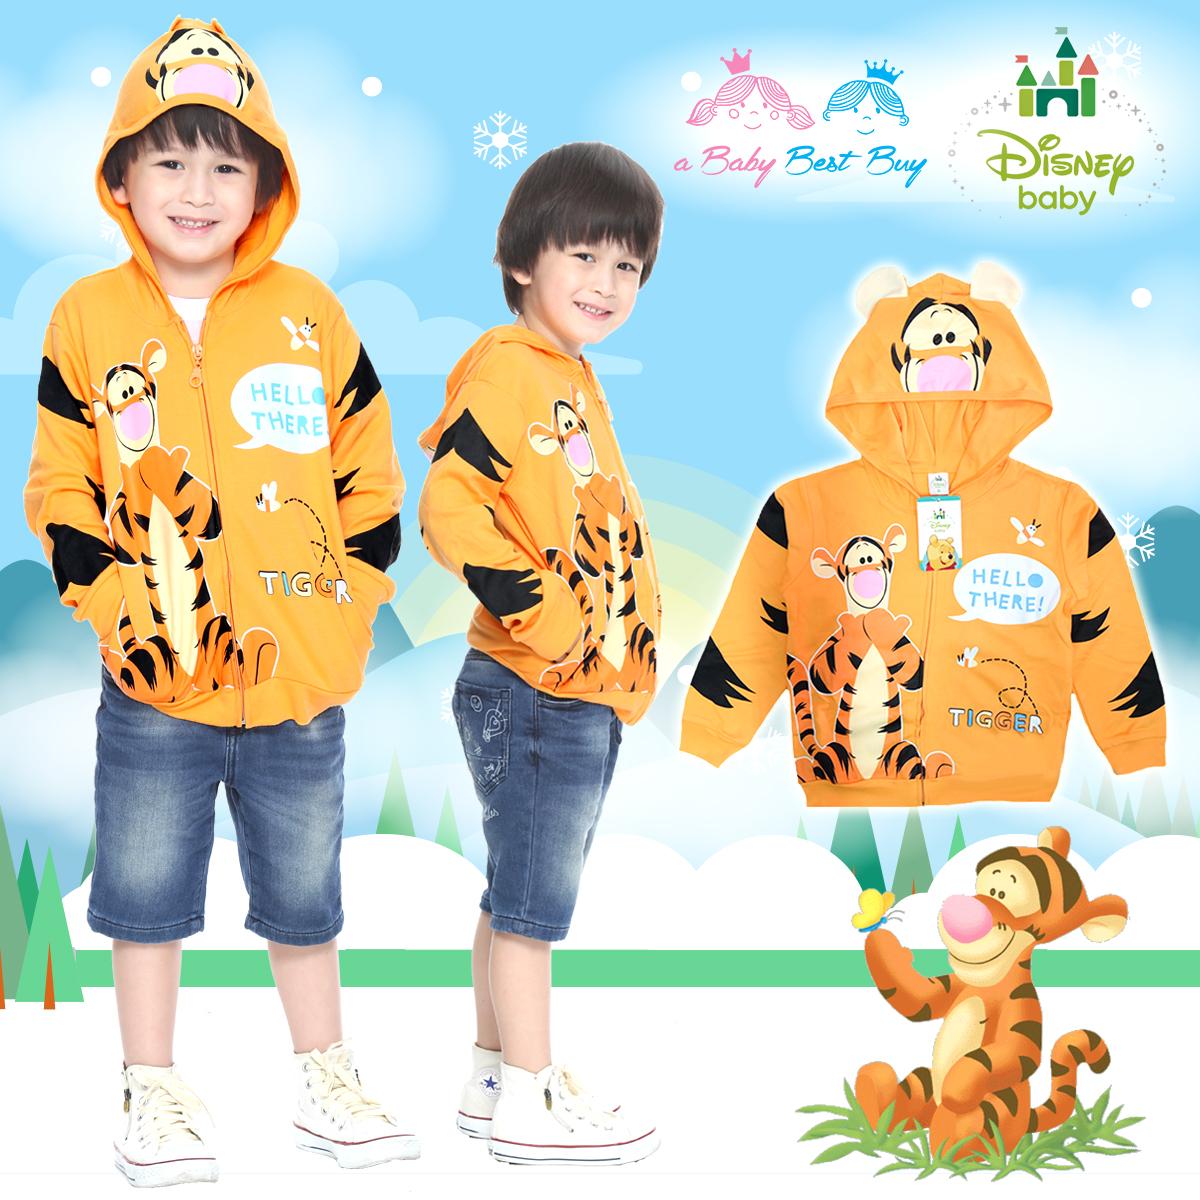 """"""" ( S-M-L """" เสื้อแจ็คเก็ต Jacket Disney Tigger เสื้อกันหนาว แขนยาว เด็กผู้ชาย & เด็กผู้หญิง สกรีนลาย ทิกเกอร์ สีส้มอ่อน รูดซิป มีหมวก(ฮู้ด)สีส้ม ใส่คลุมกันหนาว กันแดด ใส่สบาย ดิสนีย์แท้ ลิขสิทธิ์แท้ (Size S-M-L)"""